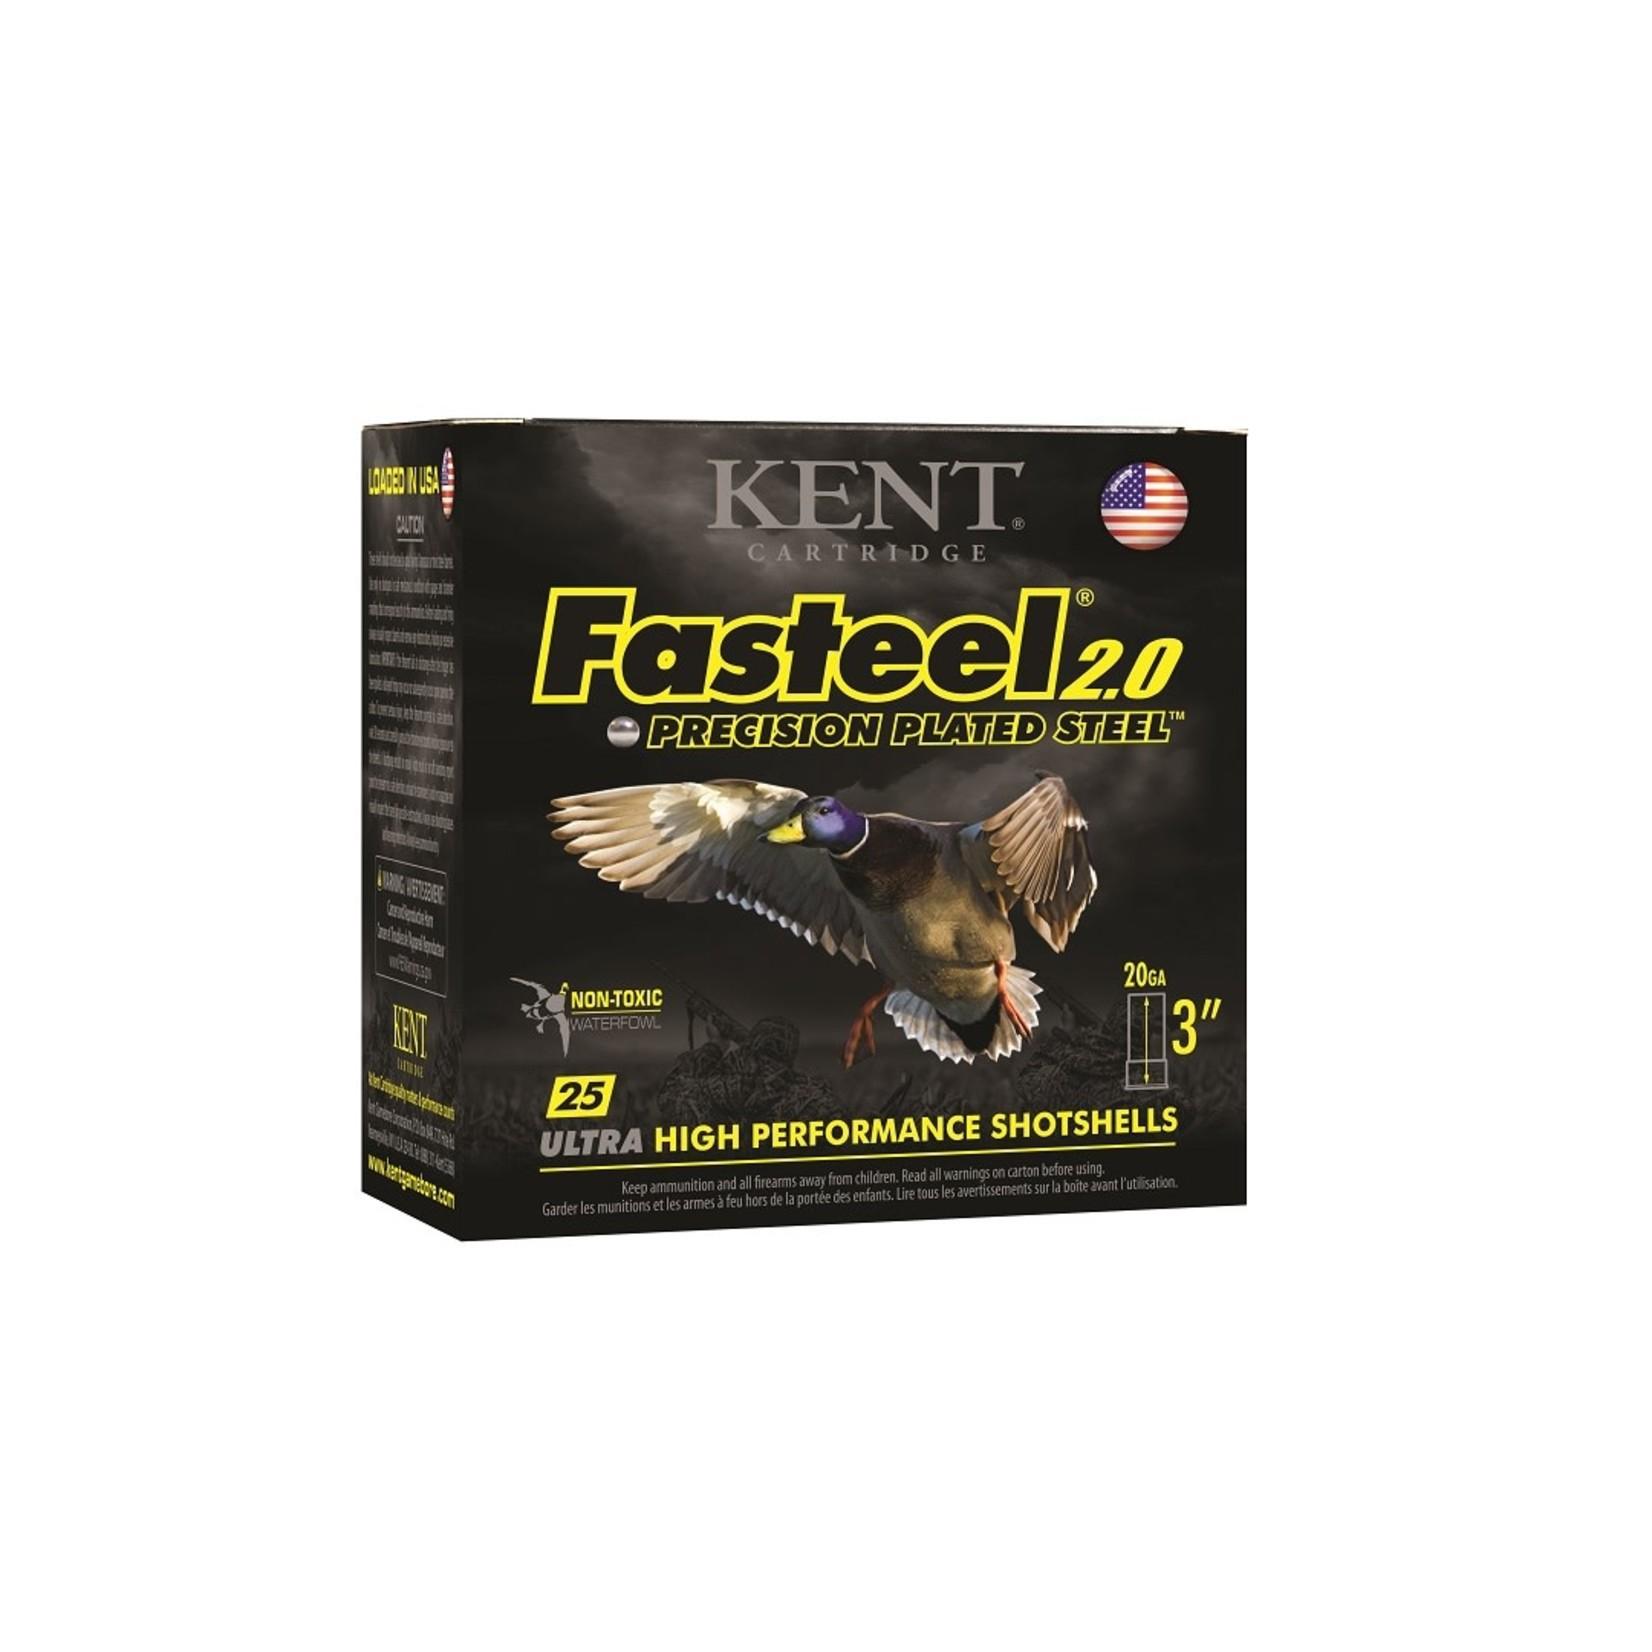 Kent Cartridge Fasteel 2.0, 20Ga, 3'', 7/8Oz, 1550Fps - 3